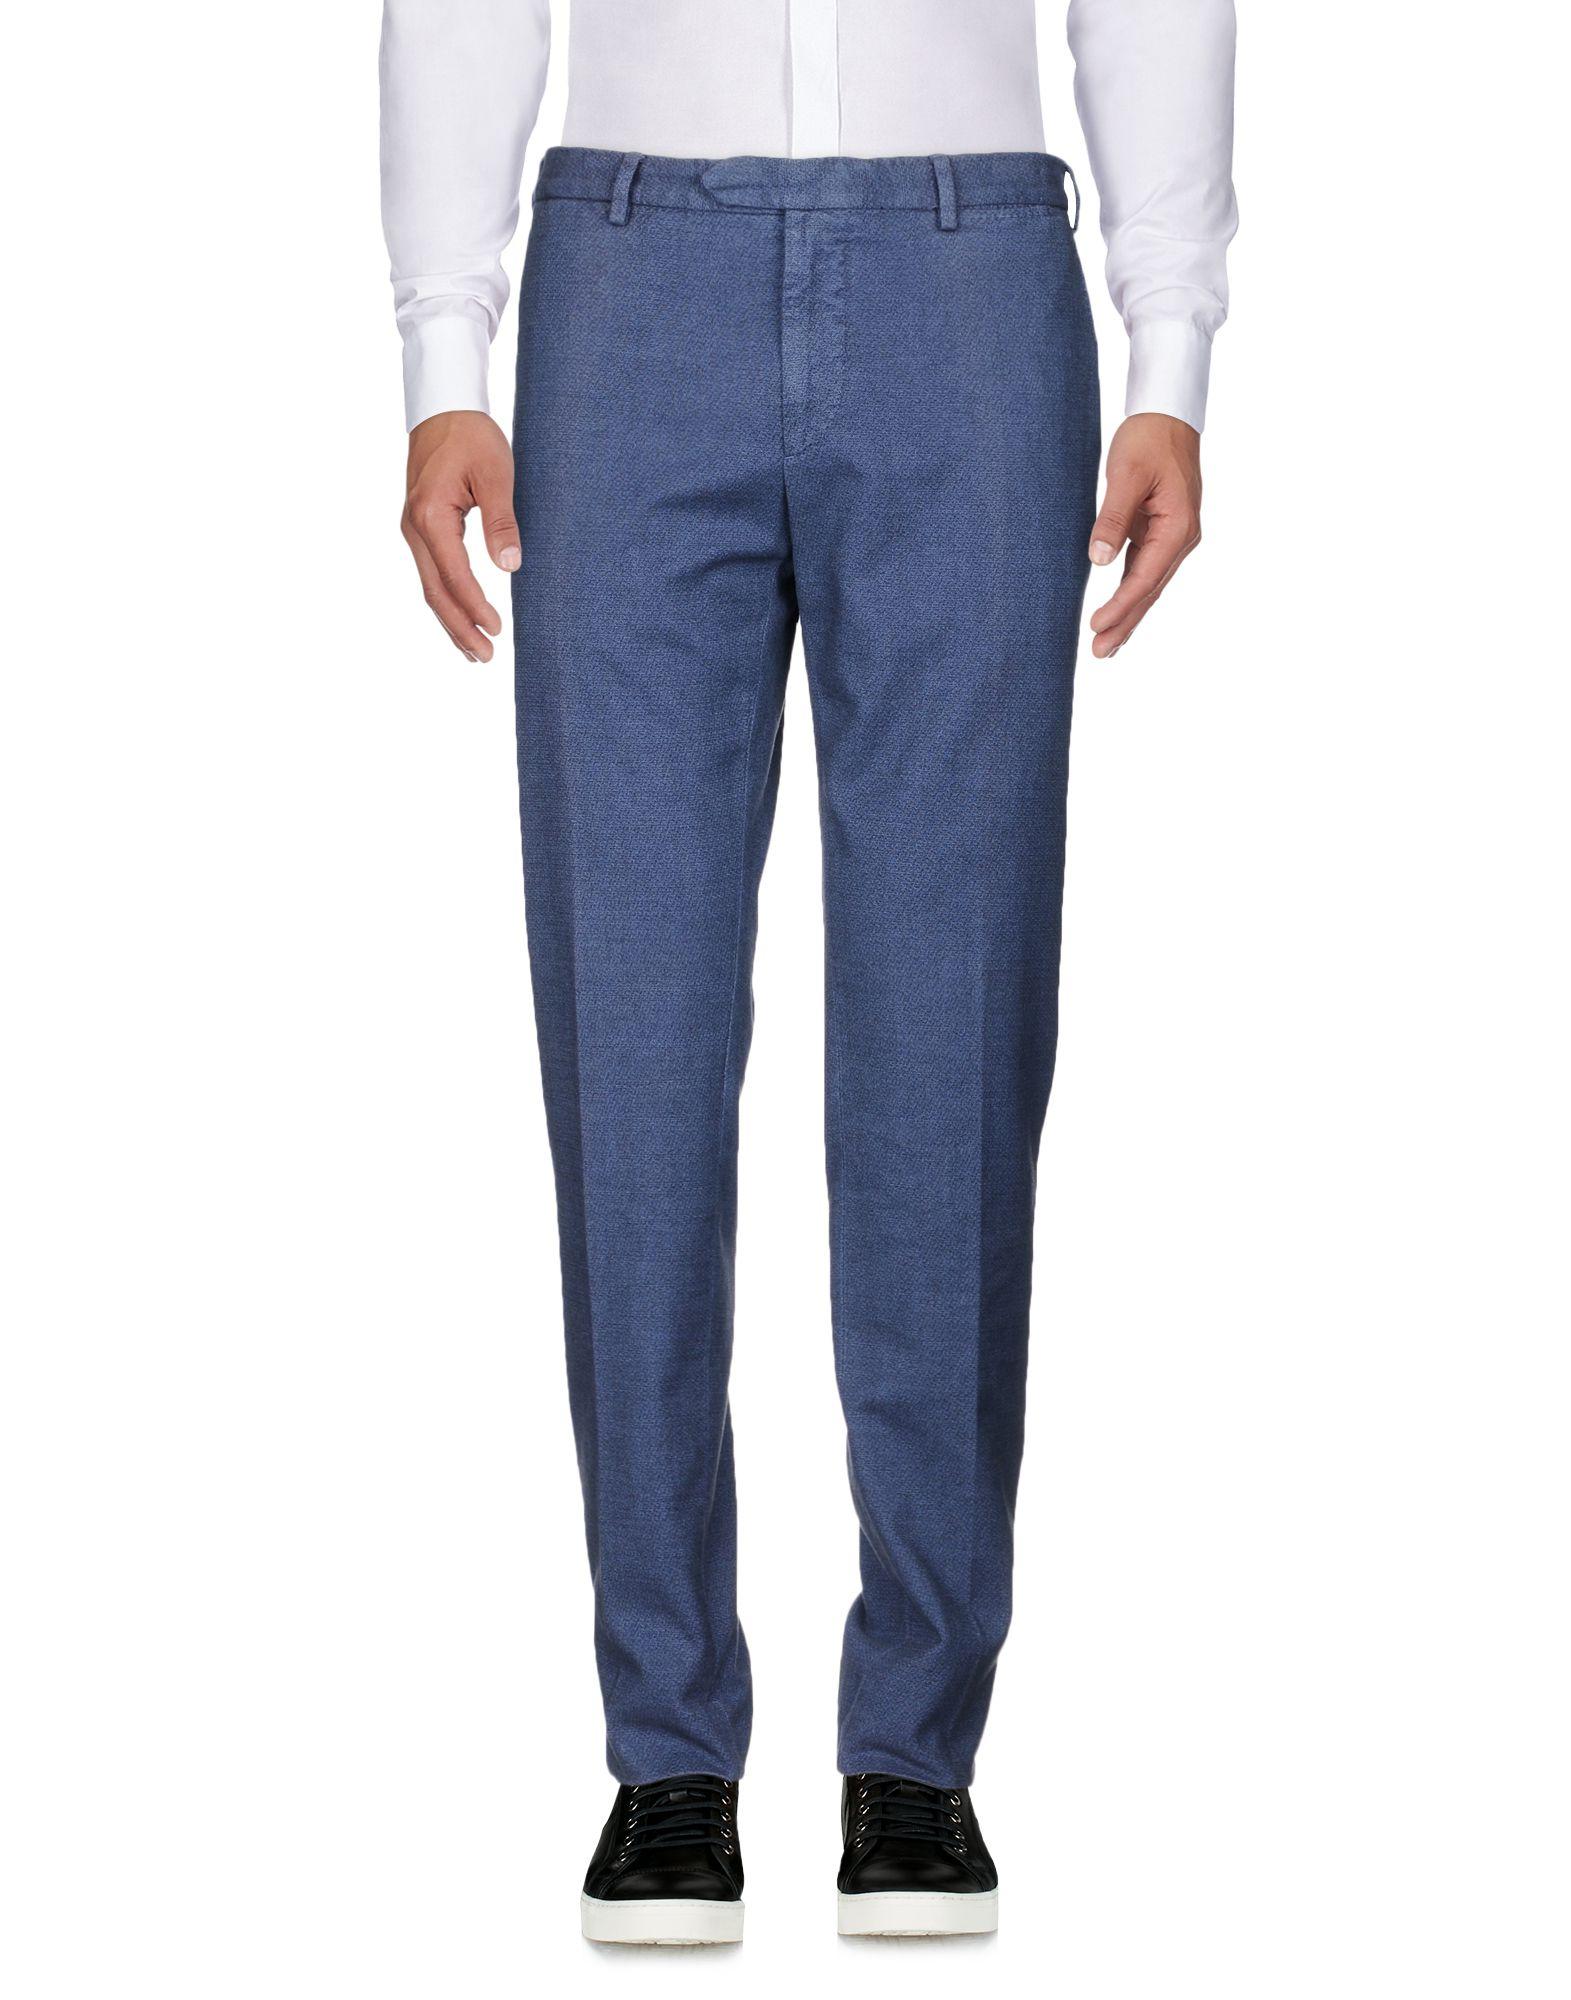 《送料無料》SANTANIELLO Napoli メンズ パンツ ダークブルー 56 コットン 100%